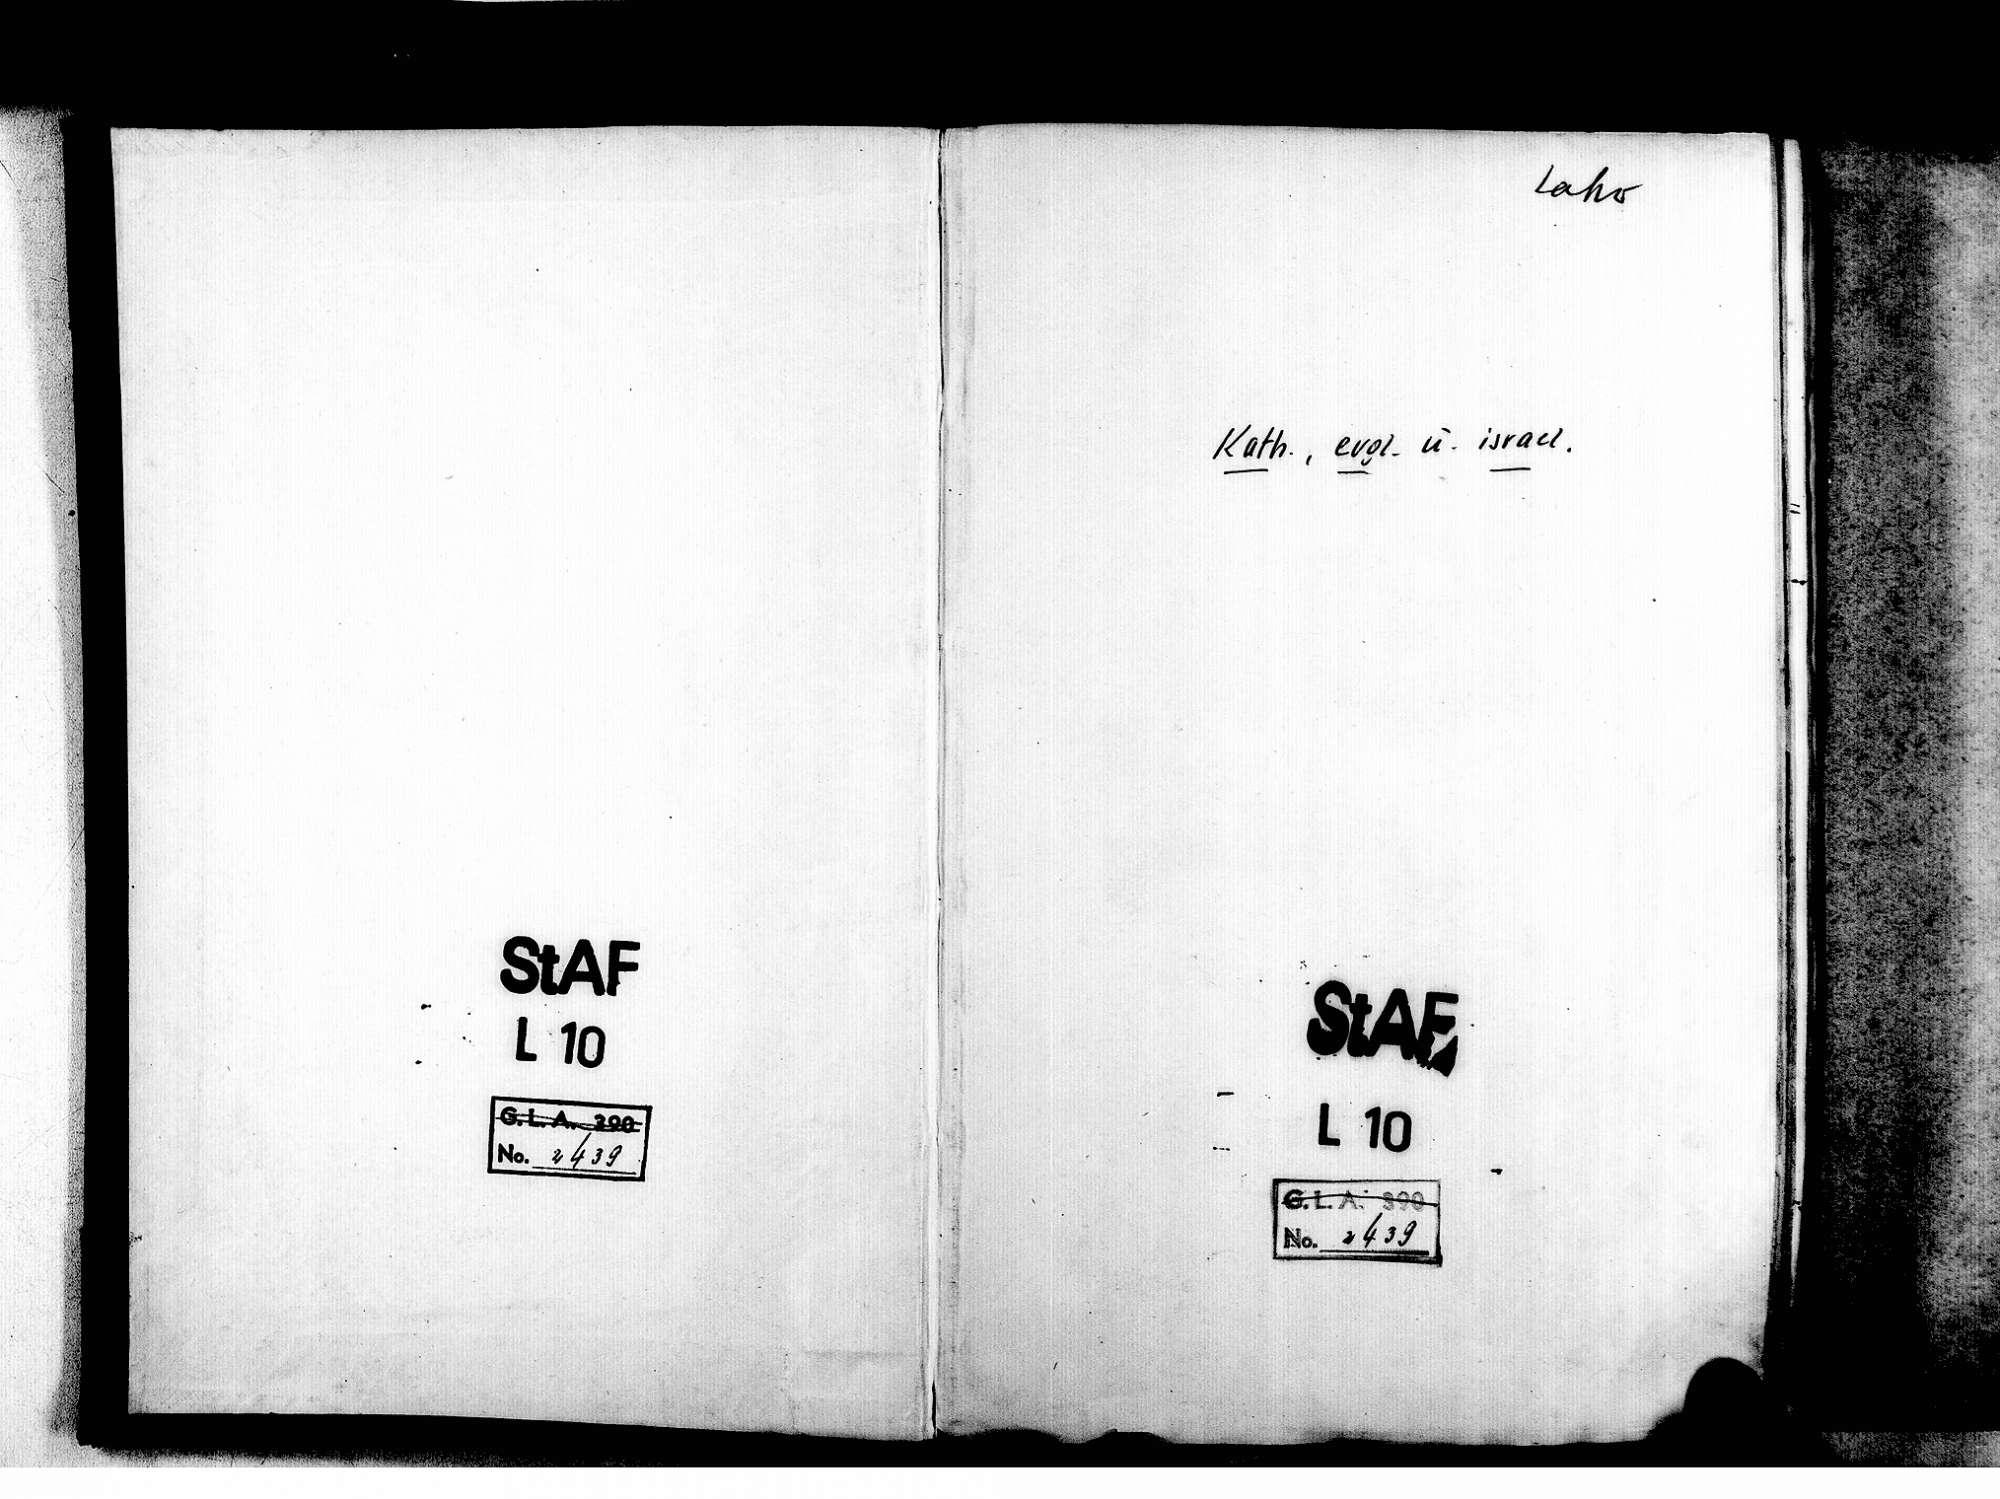 Friesenheim OG; Evangelische Gemeinde: Standesbuch 1856-1869 Friesenheim OG; Katholische Gemeinde: Standesbuch 1856-1869 Friesenheim OG; Israelitische Gemeinde: Standesbuch 1856-1869, Bild 2